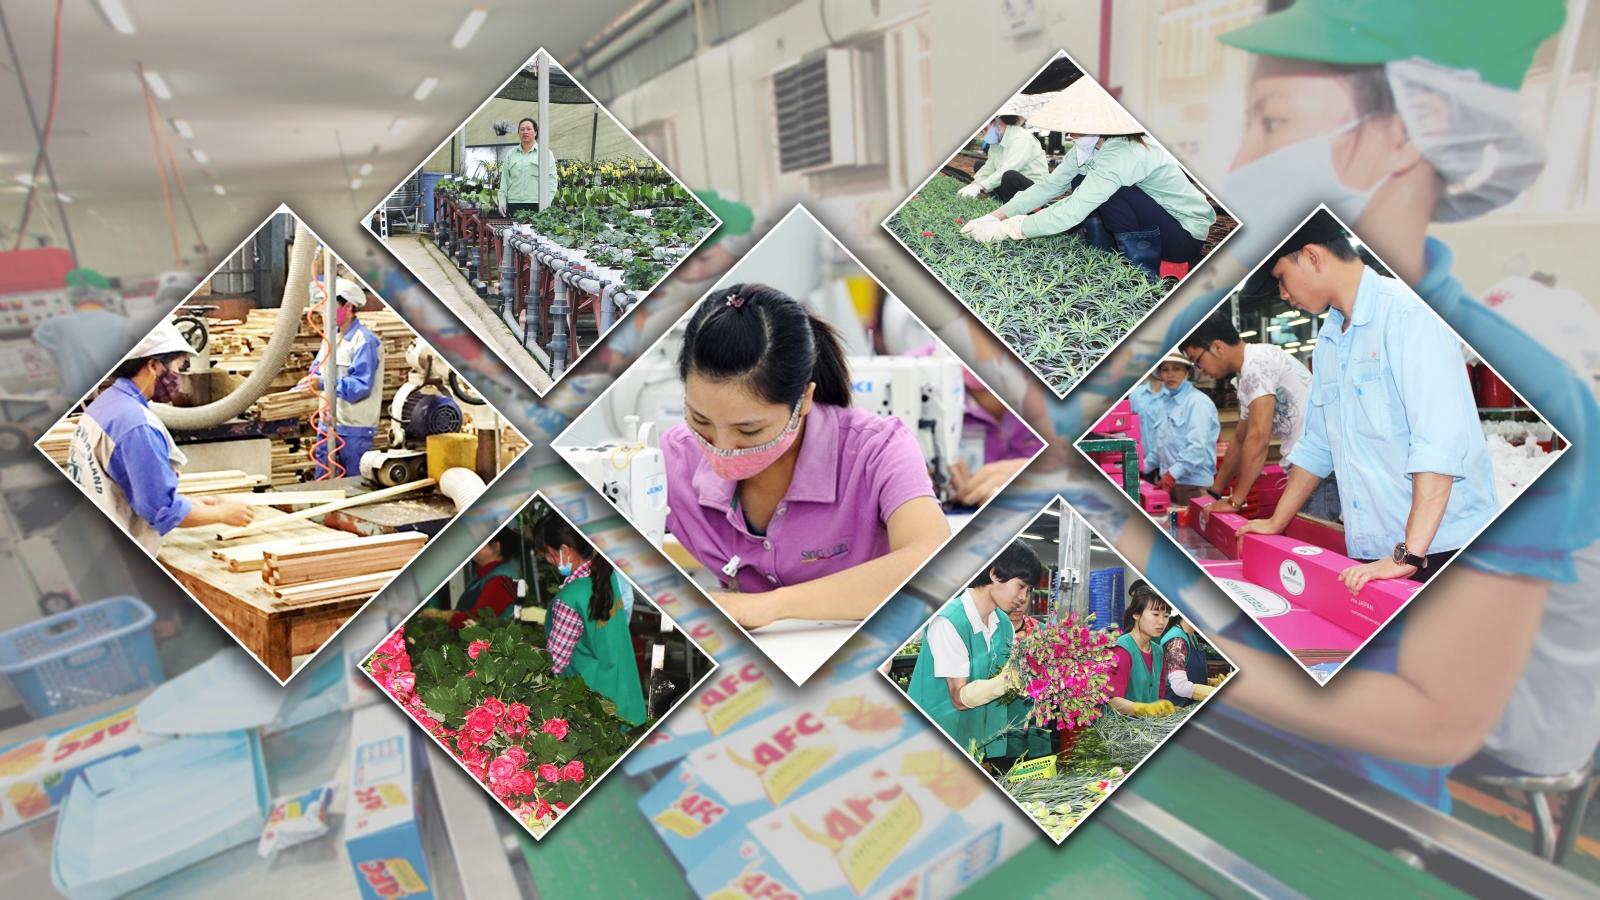 Chính phủ cụ thể hóa nghị quyết thành 130 chương trình, đề án